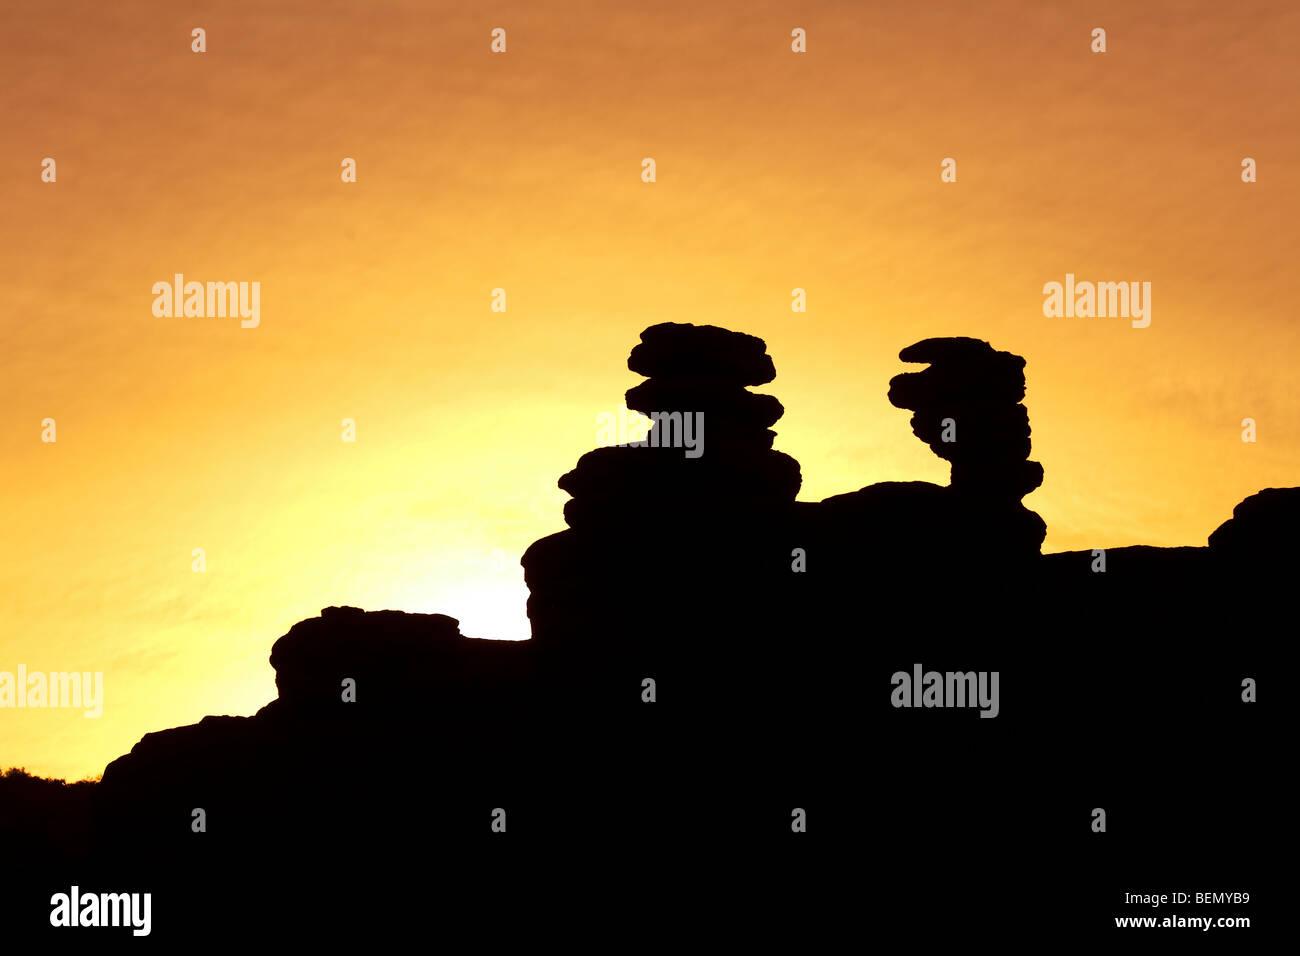 Erosiva formazioni di roccia in silhouette Atuel Canyon al tramonto, San Rafael, provincia di Mendoza, Argentina Immagini Stock